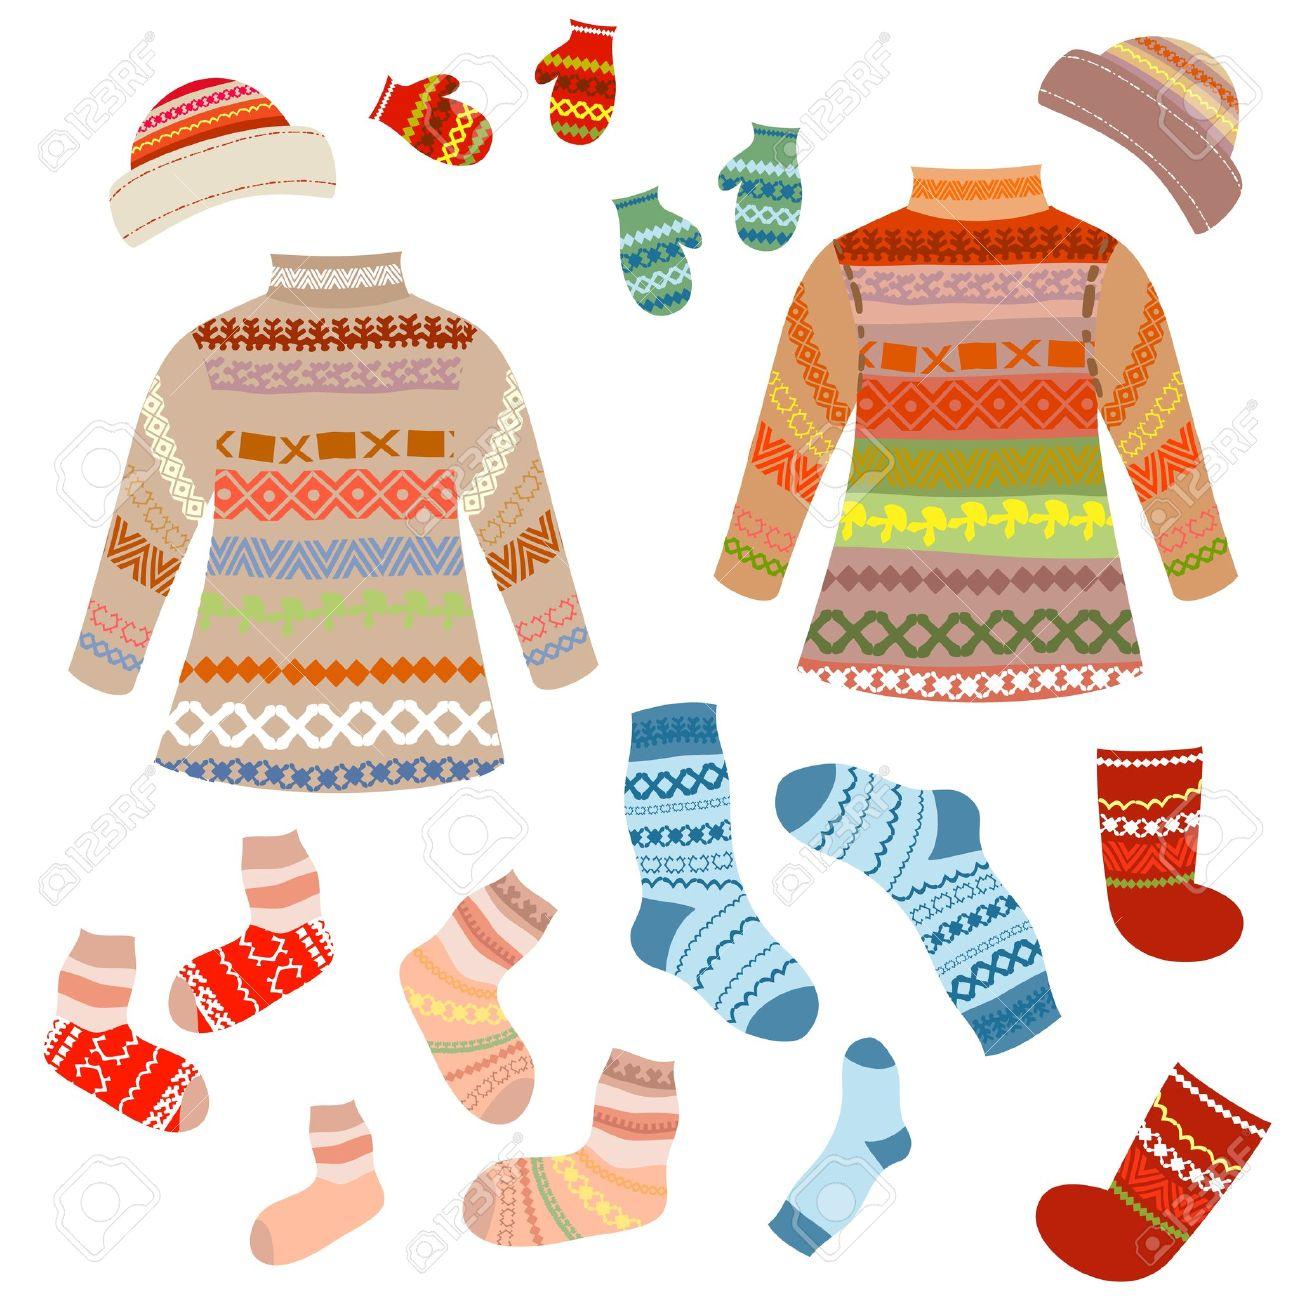 Warm Socks Clipart.